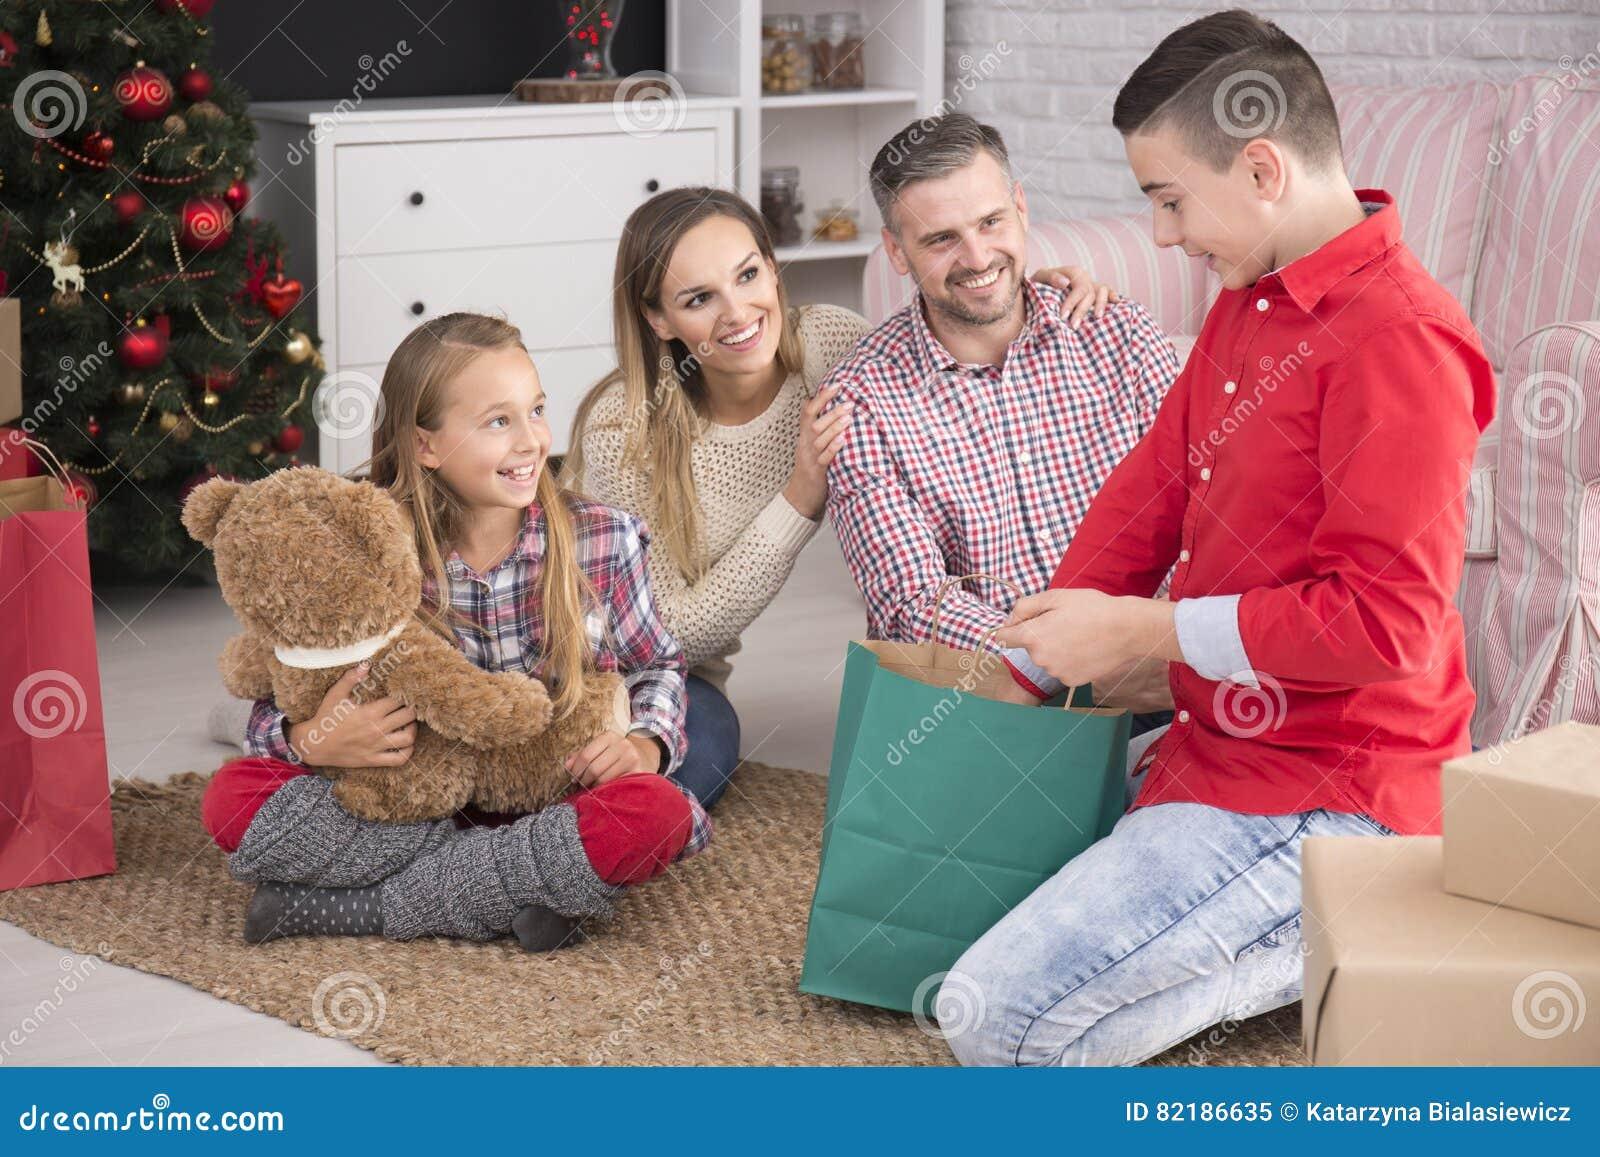 Die Weihnachtsgeschenke.Kinder Die Weihnachtsgeschenke Auspacken Stockbild Bild Von